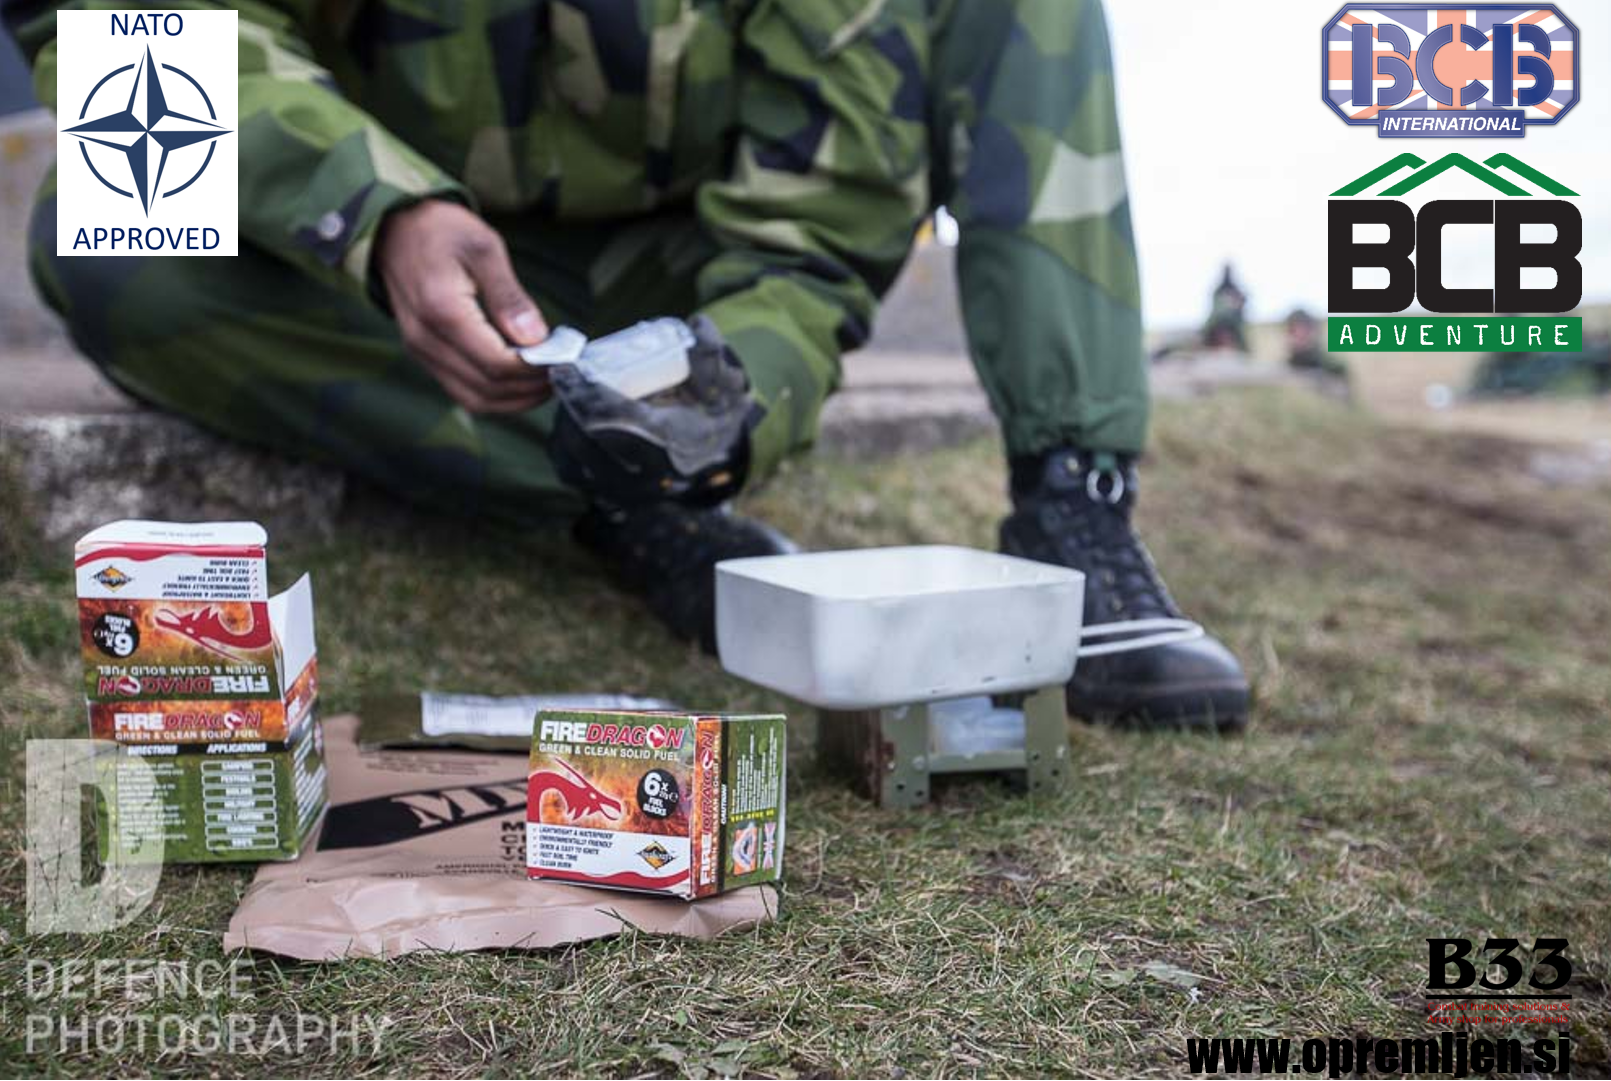 Vojaške all-weather bio gorilne tablete FireDragon iz etanola, pakiranje 6 kosov (NATO approved NSN: 9110-99-505-2835), BCB International, B33 army shop, vojaška trgovina, trgovina z vojaško opremo